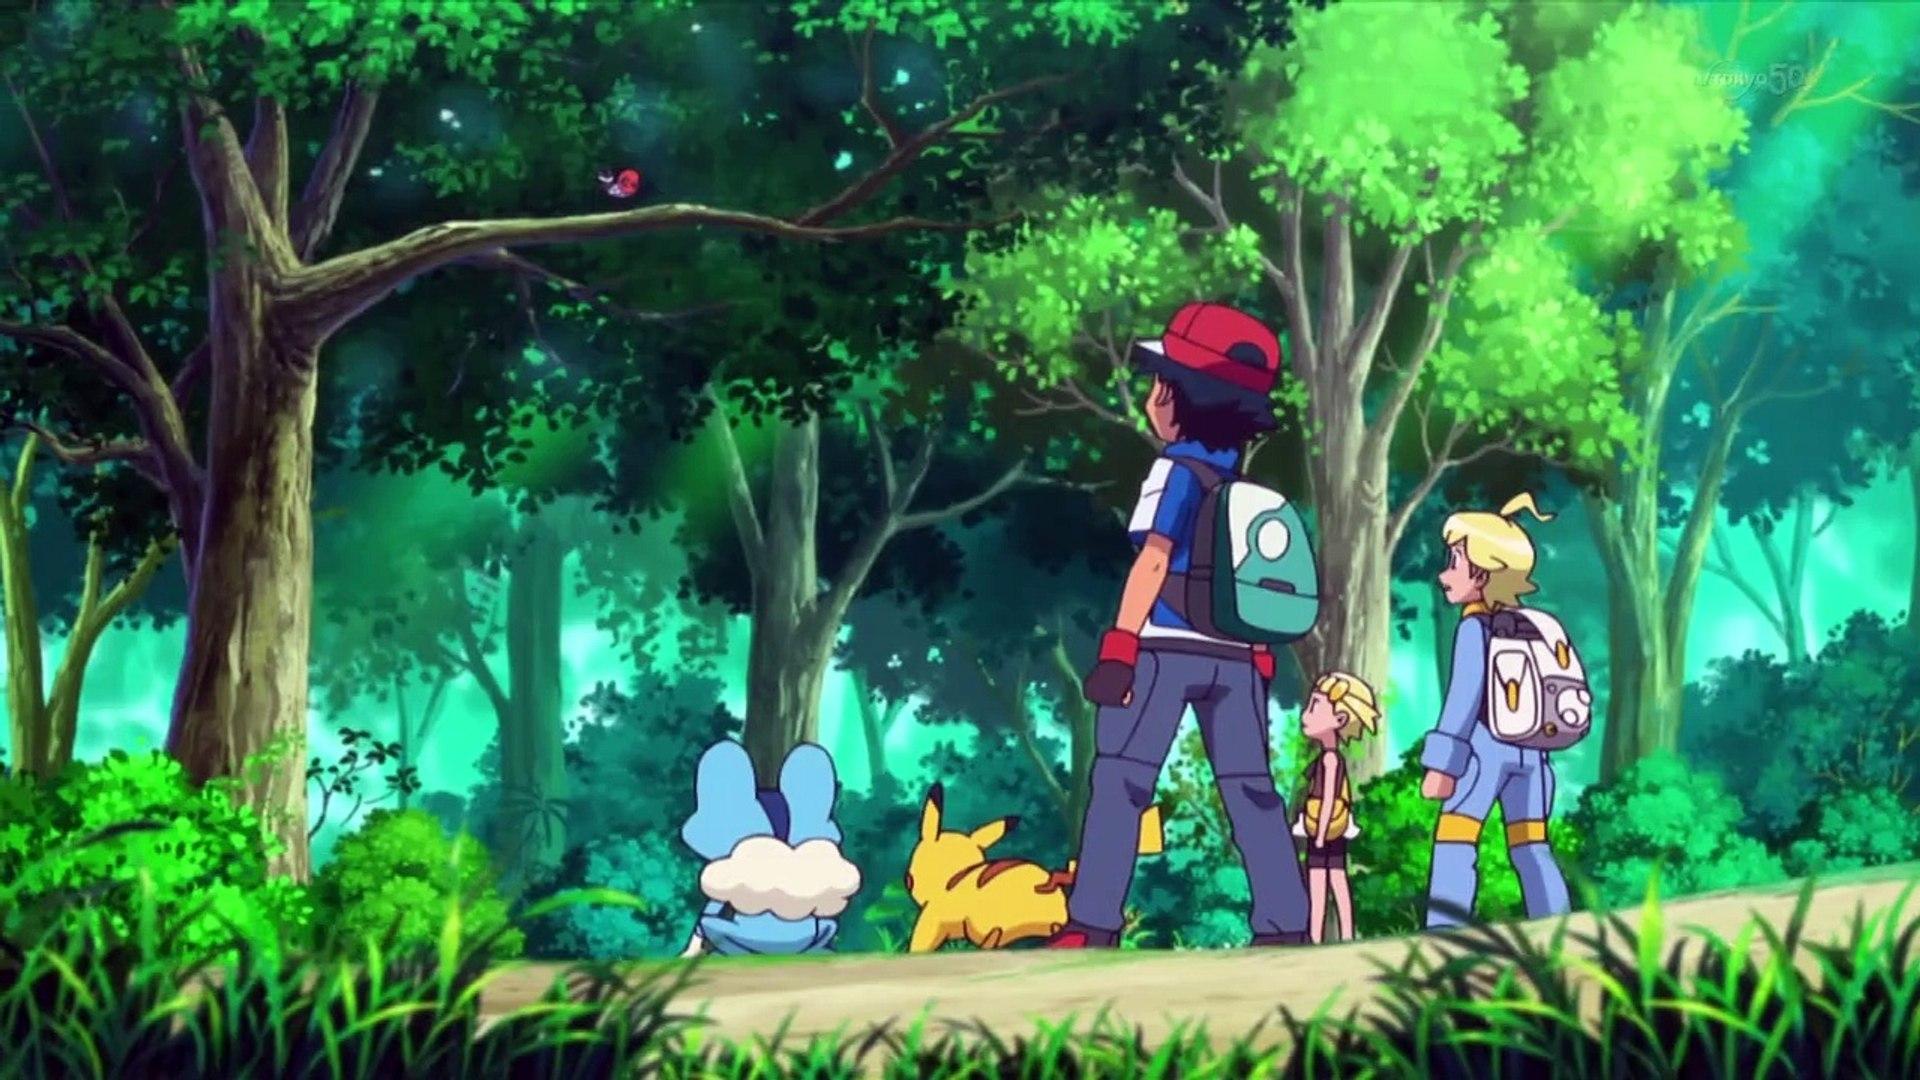 Pokémon Xy Saison 17 épisode 003 Vf Un Combat De Mobilité Aérienne